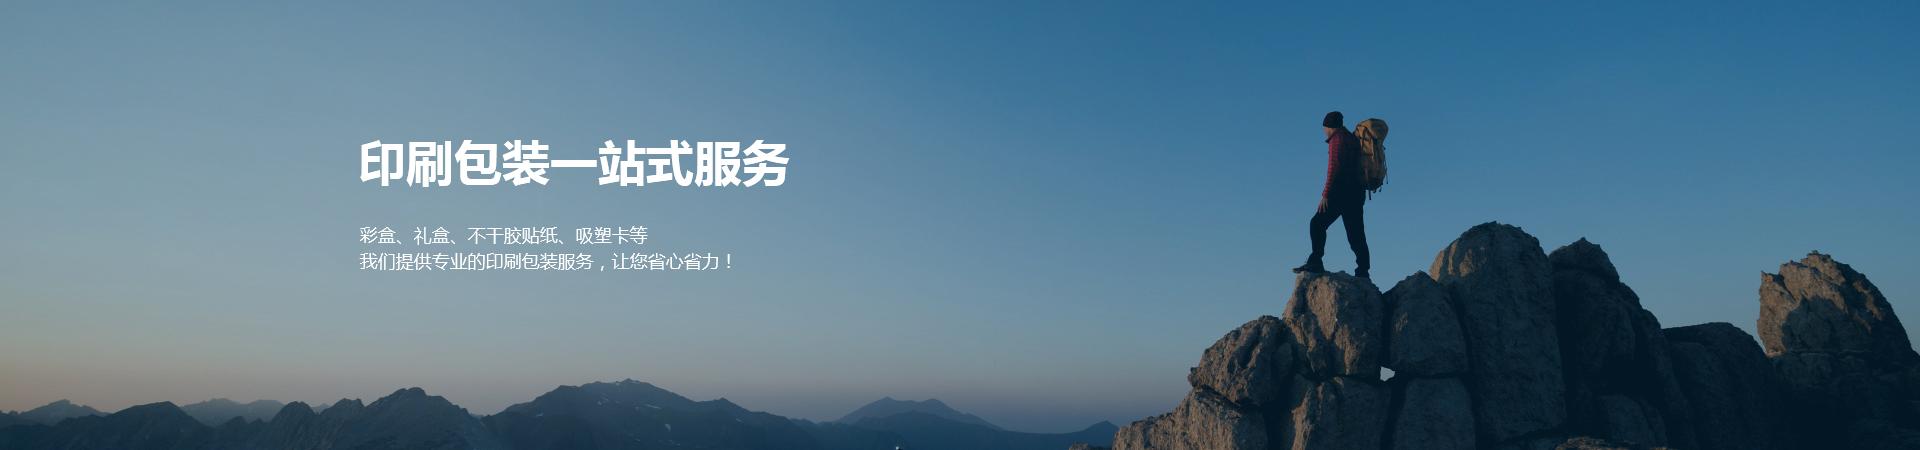 广东印刷厂